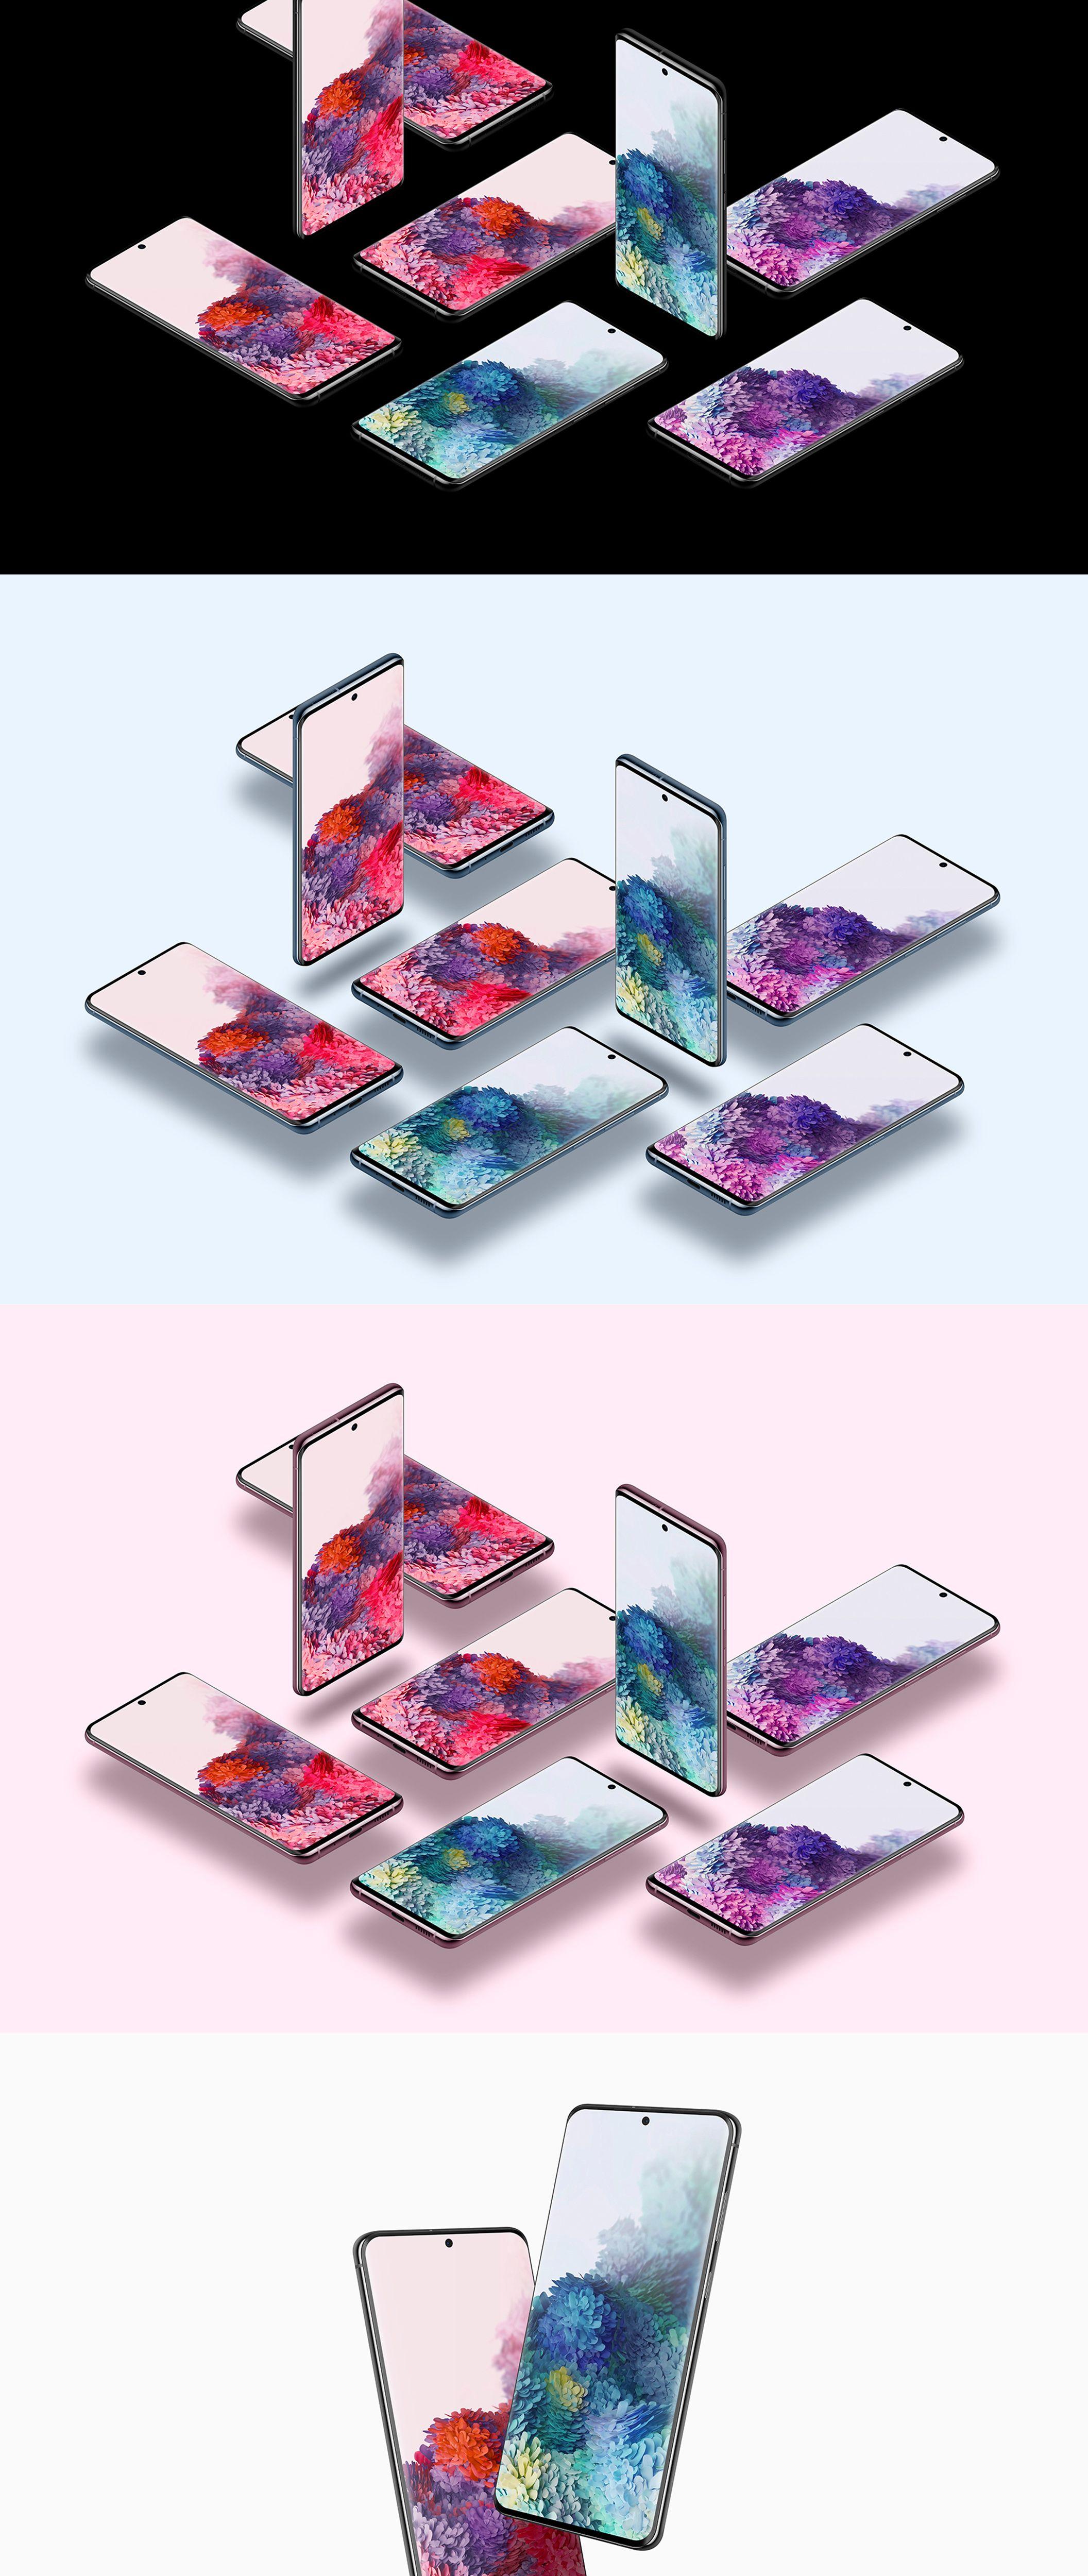 Samsung Galaxy S20 20 Mockups — Mockups on UI8 in 2020